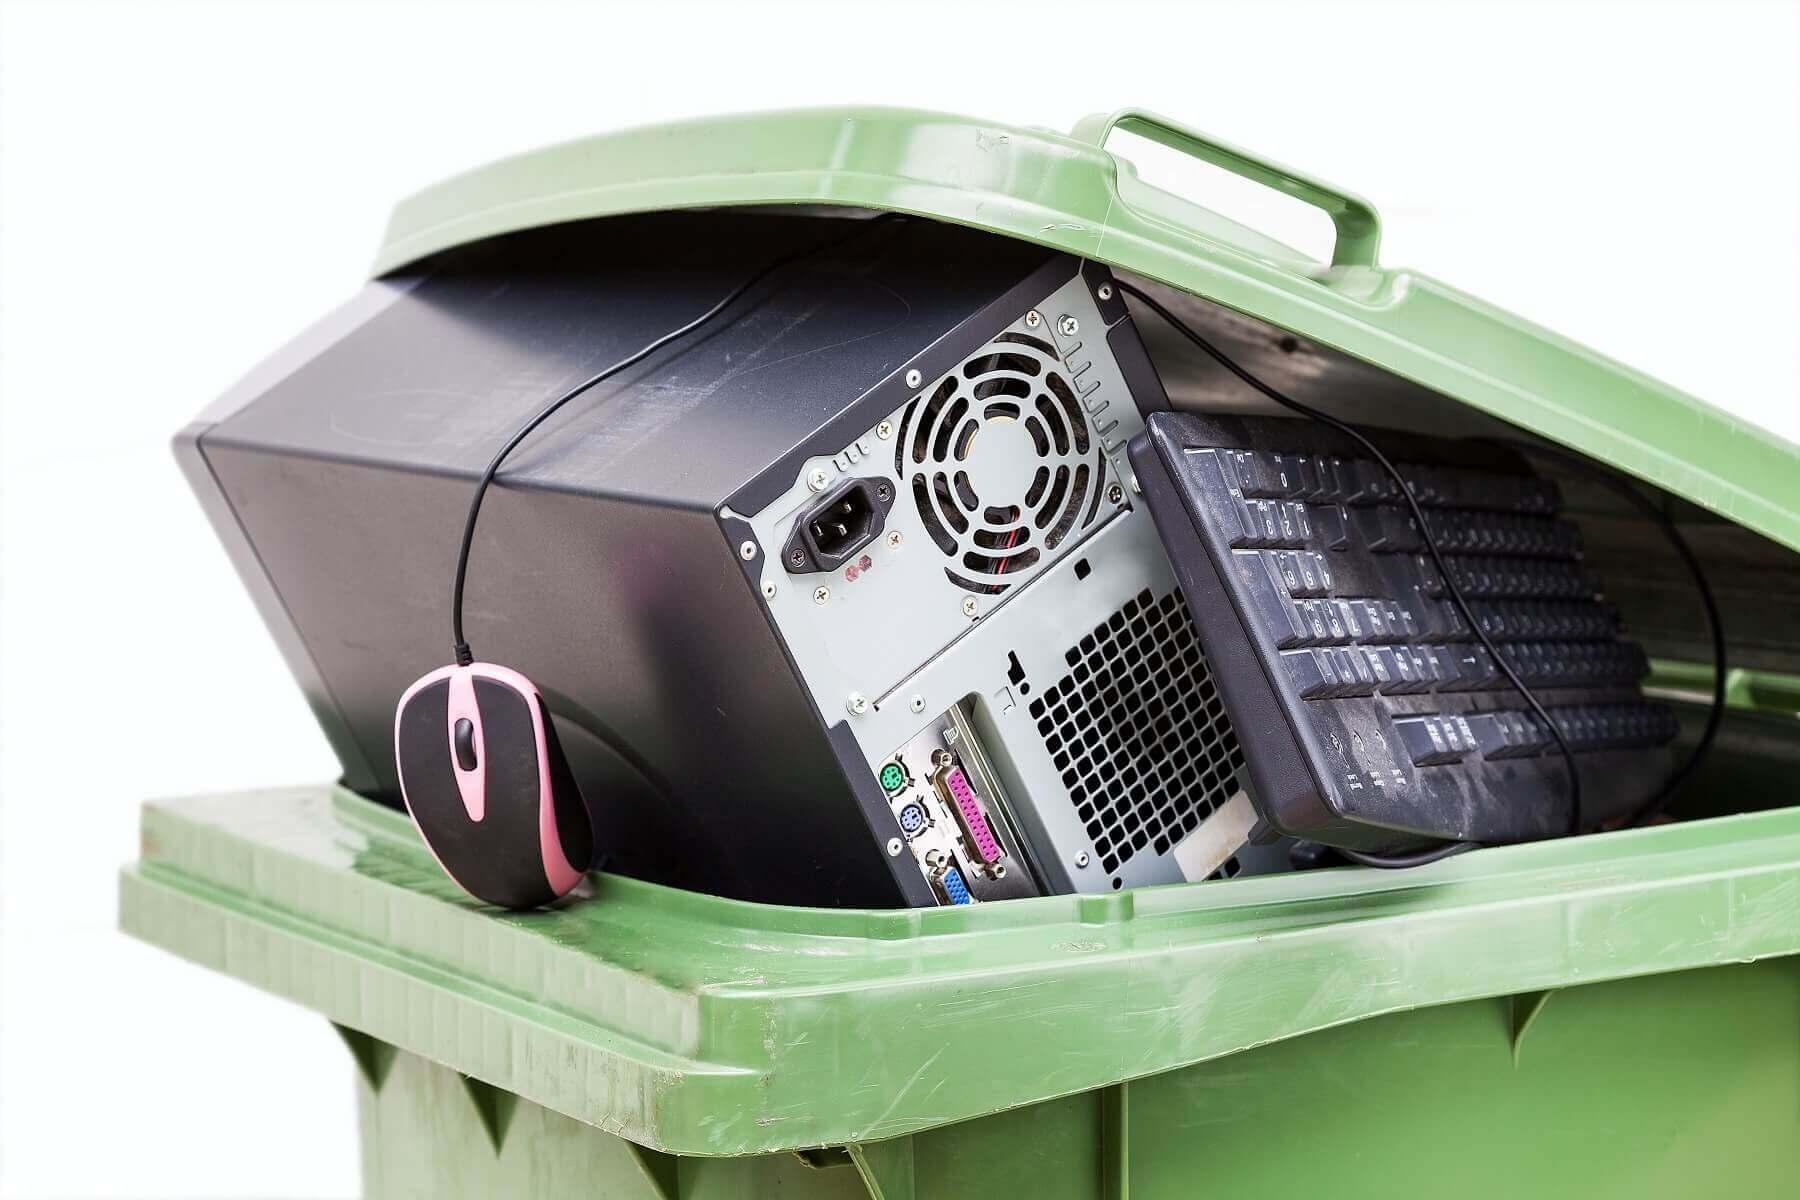 חוק מיחזור פסולת אלקטרונית